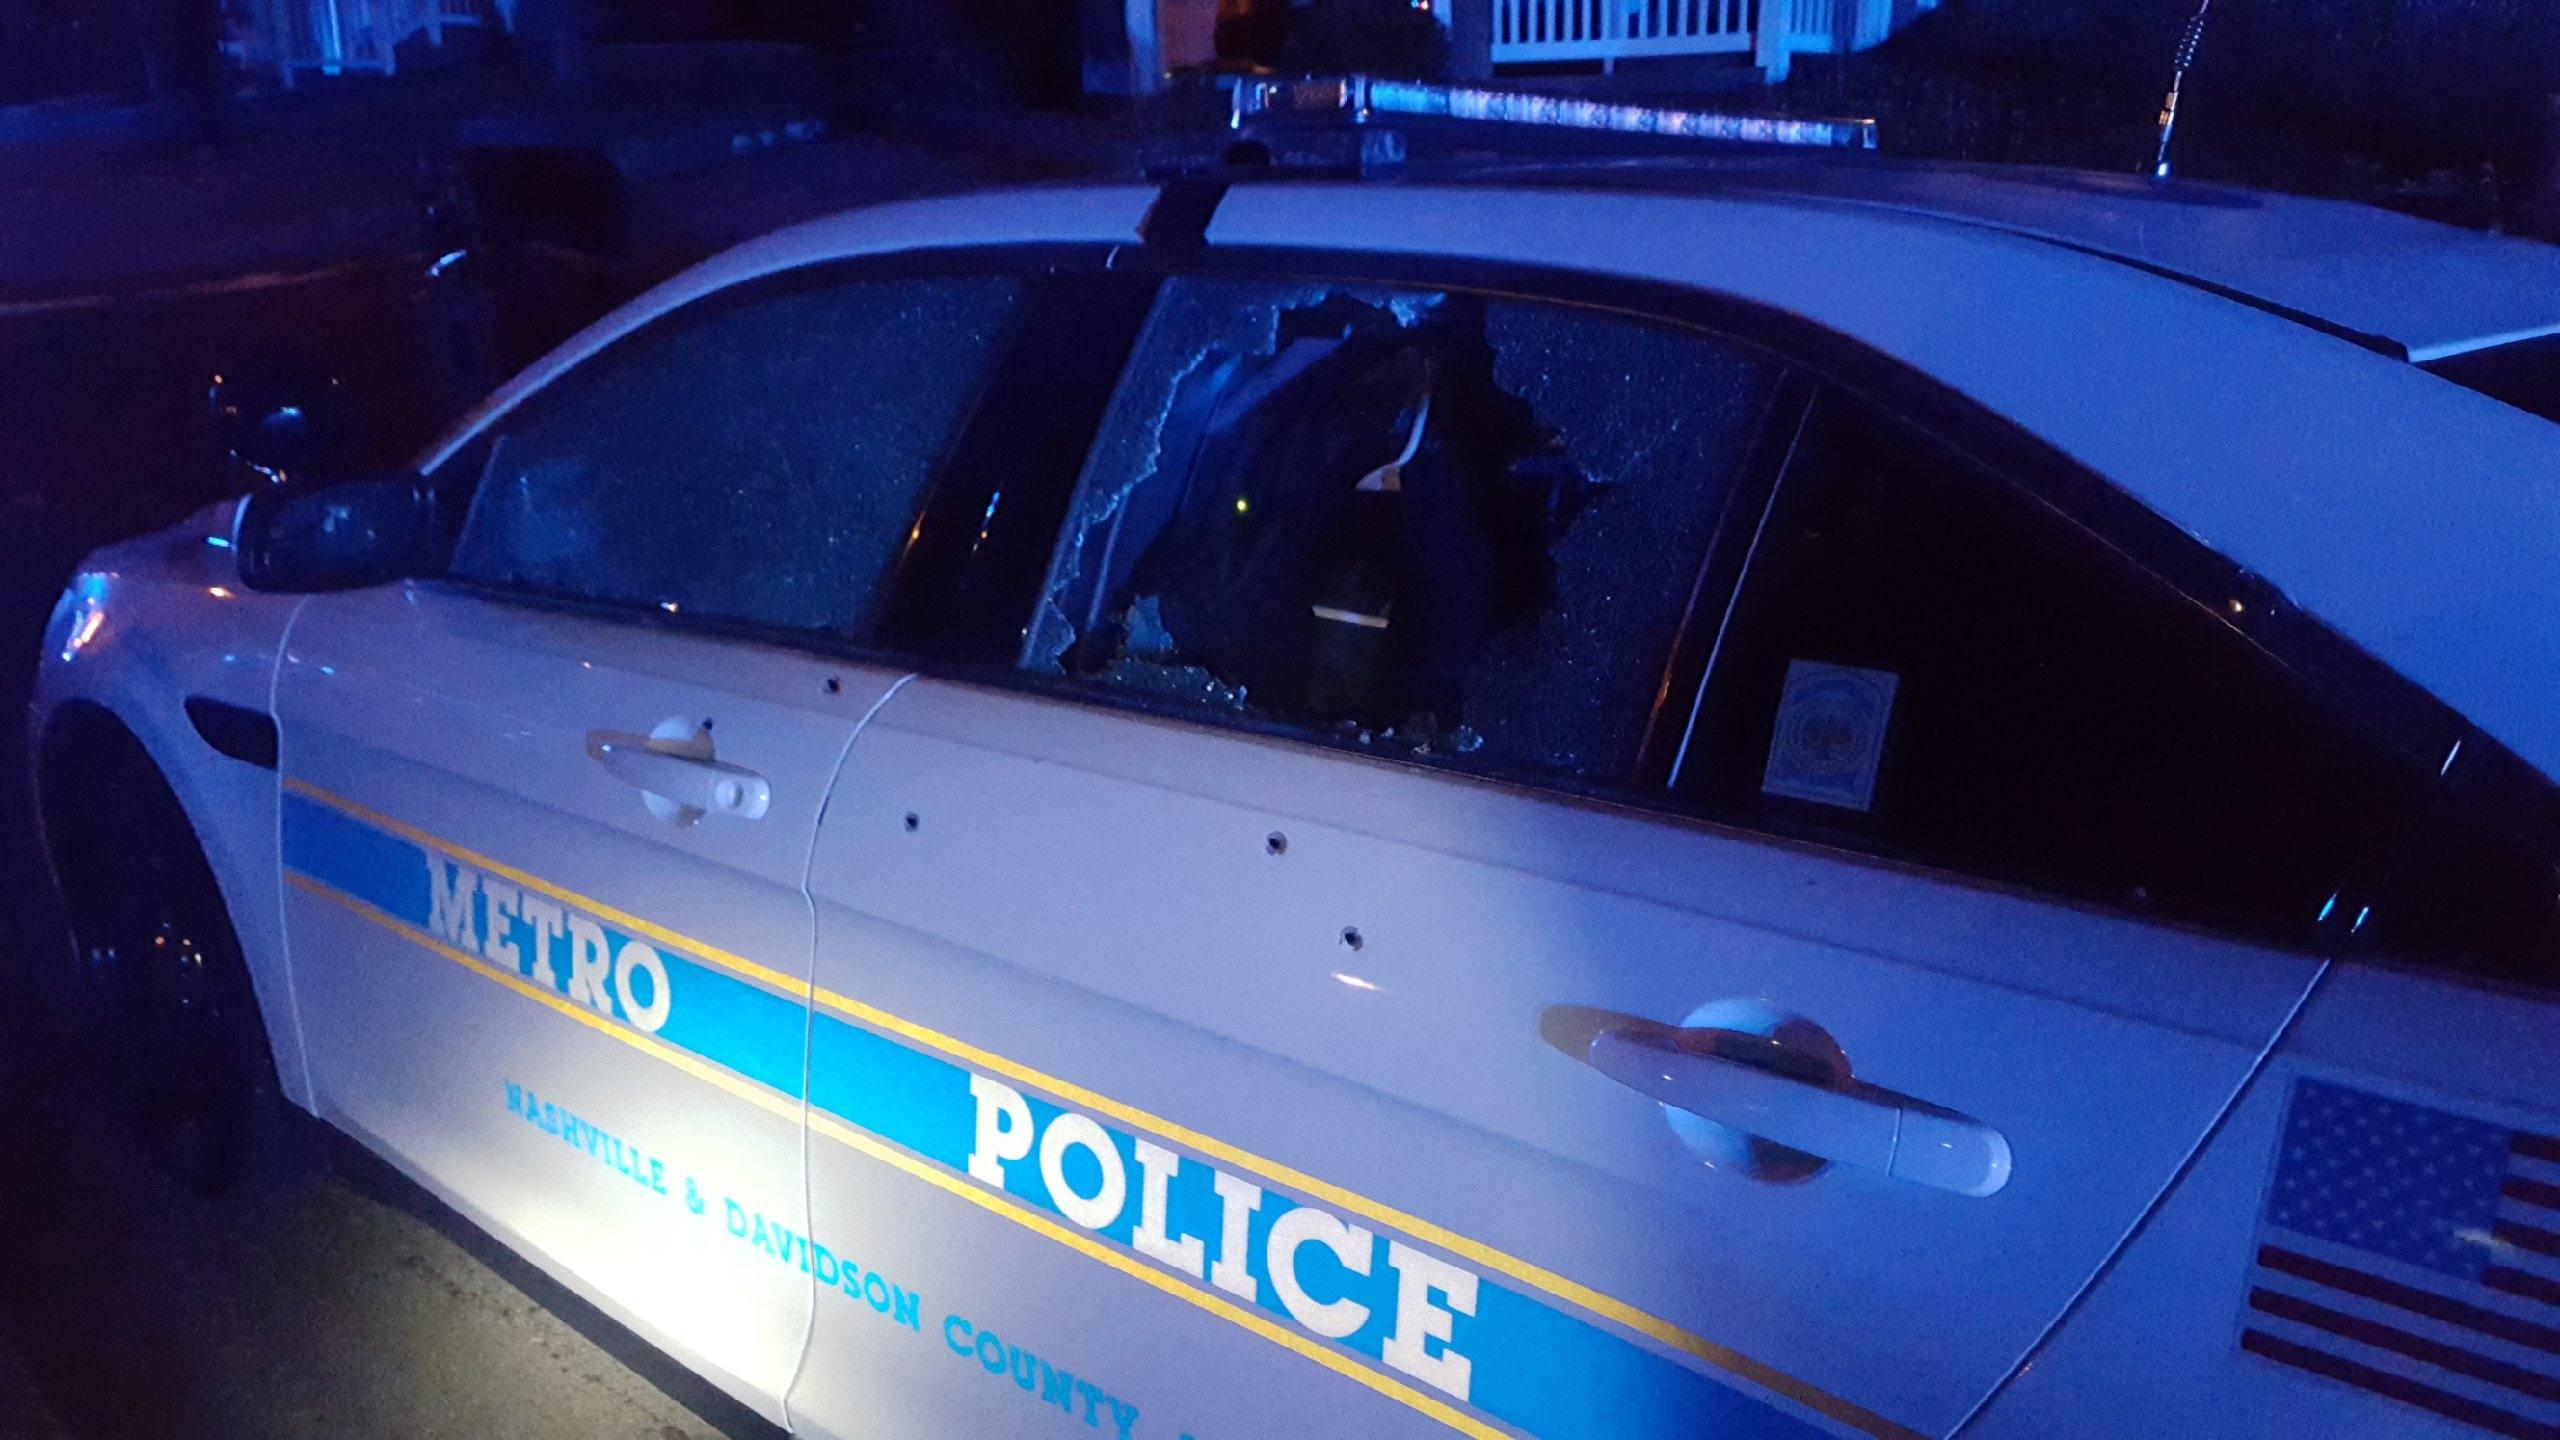 Bullet Holes in Police Vehicle_1559004491728.jpeg.jpg